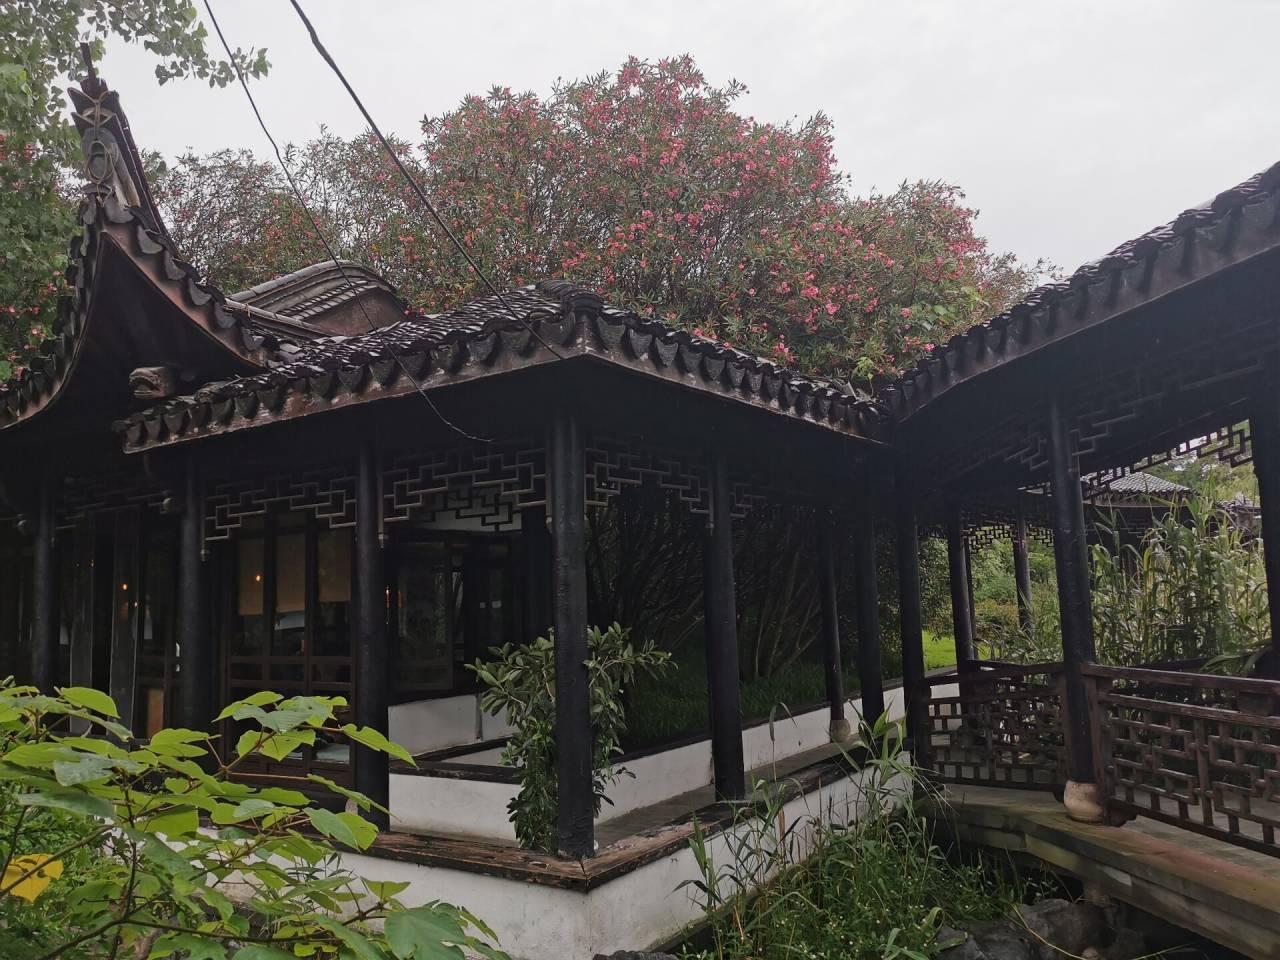 杭州某饭店阴雨2.jpg